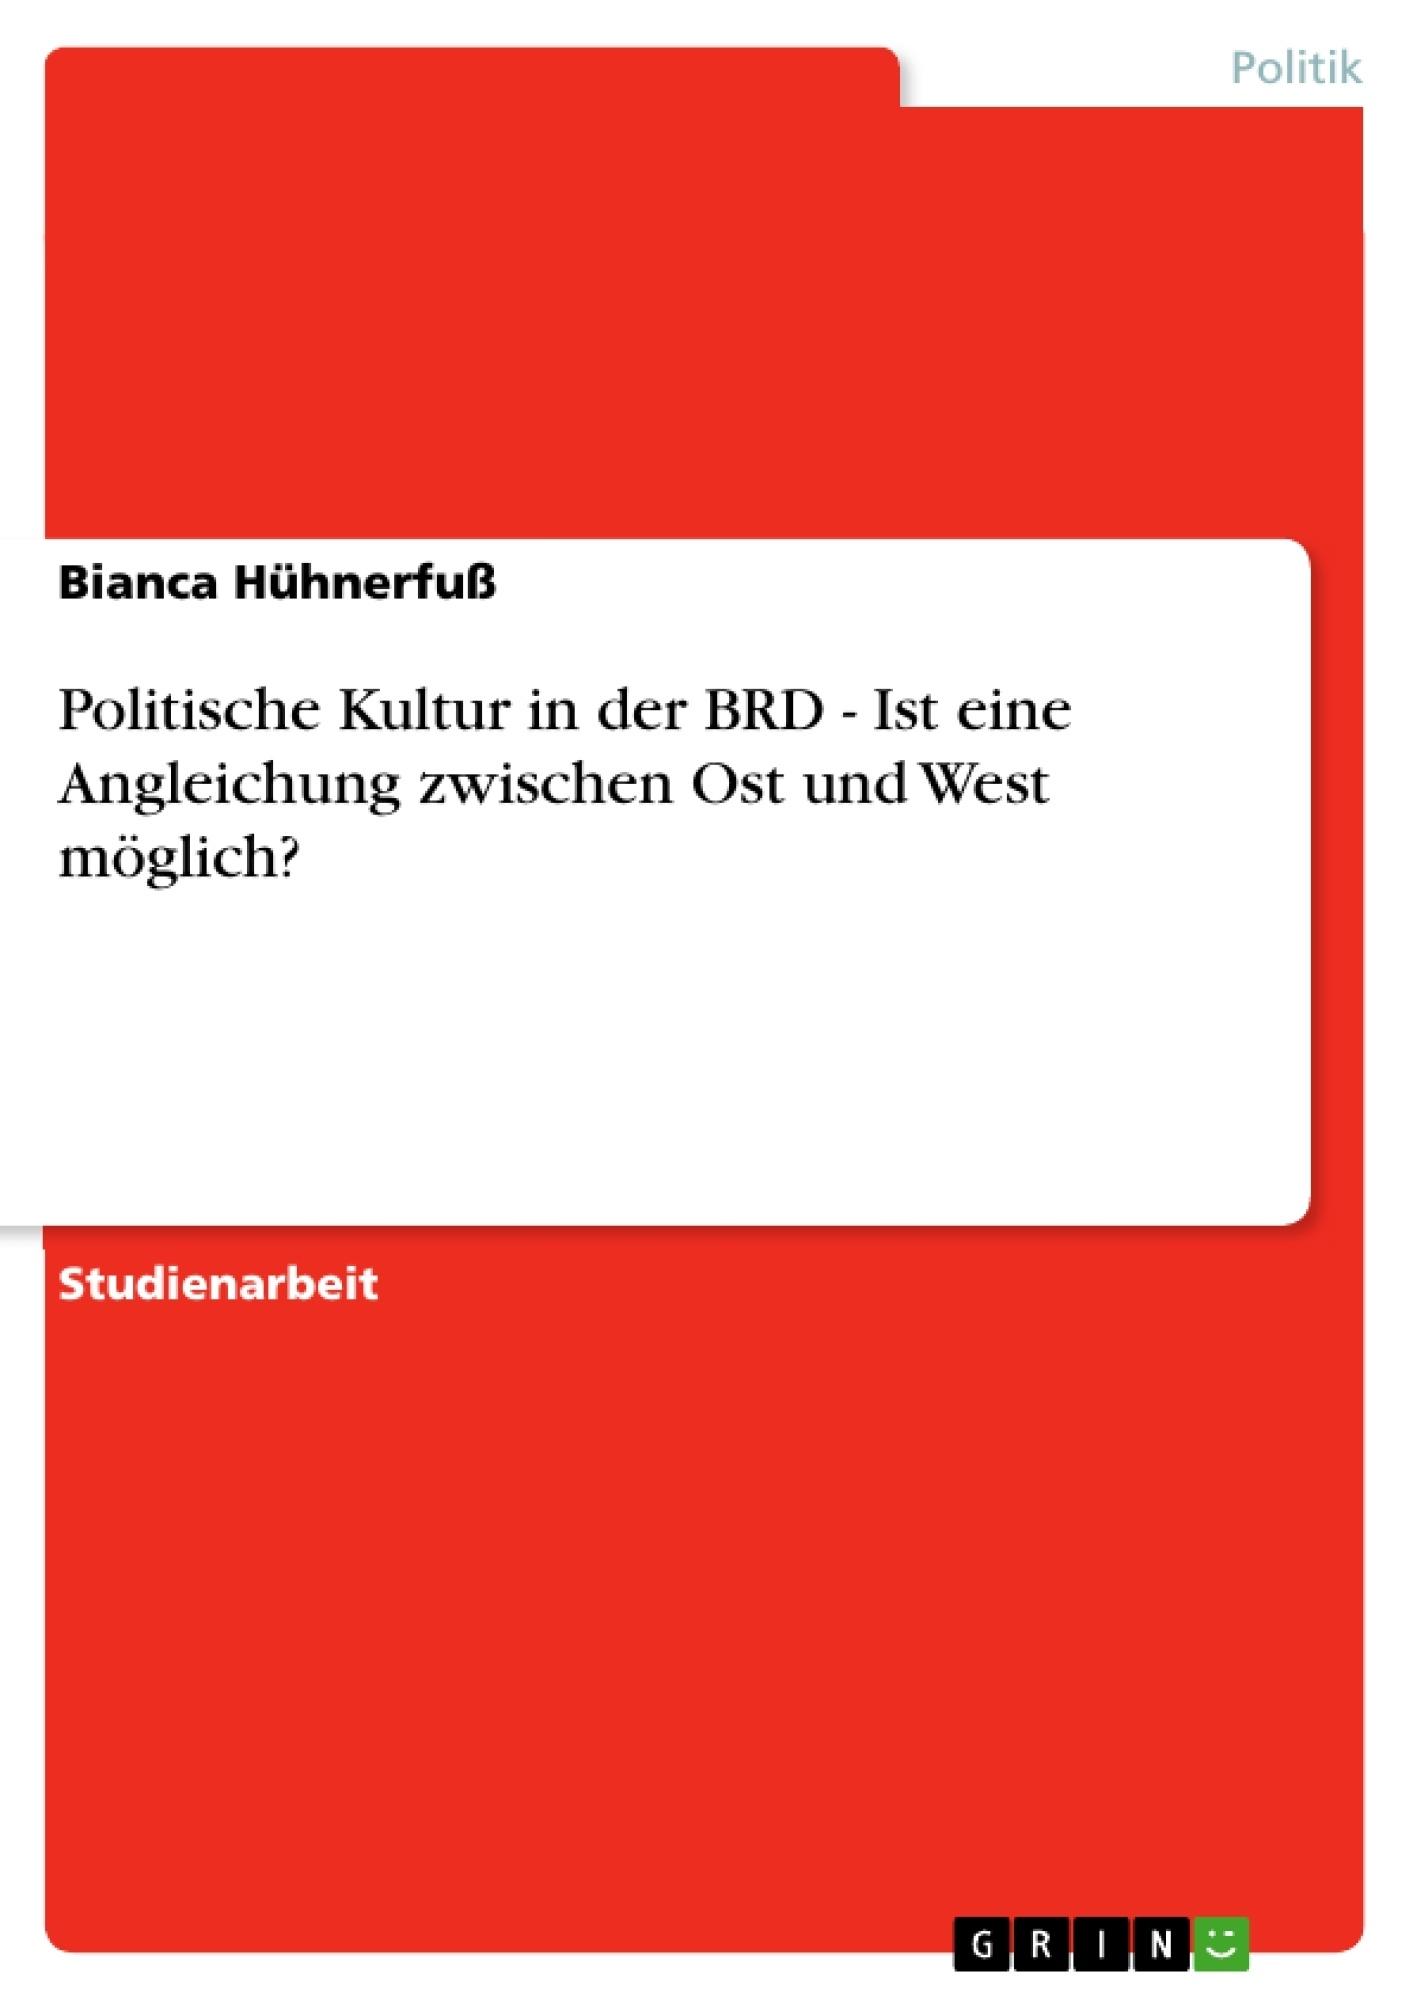 Titel: Politische Kultur in der BRD - Ist eine Angleichung zwischen Ost und West möglich?